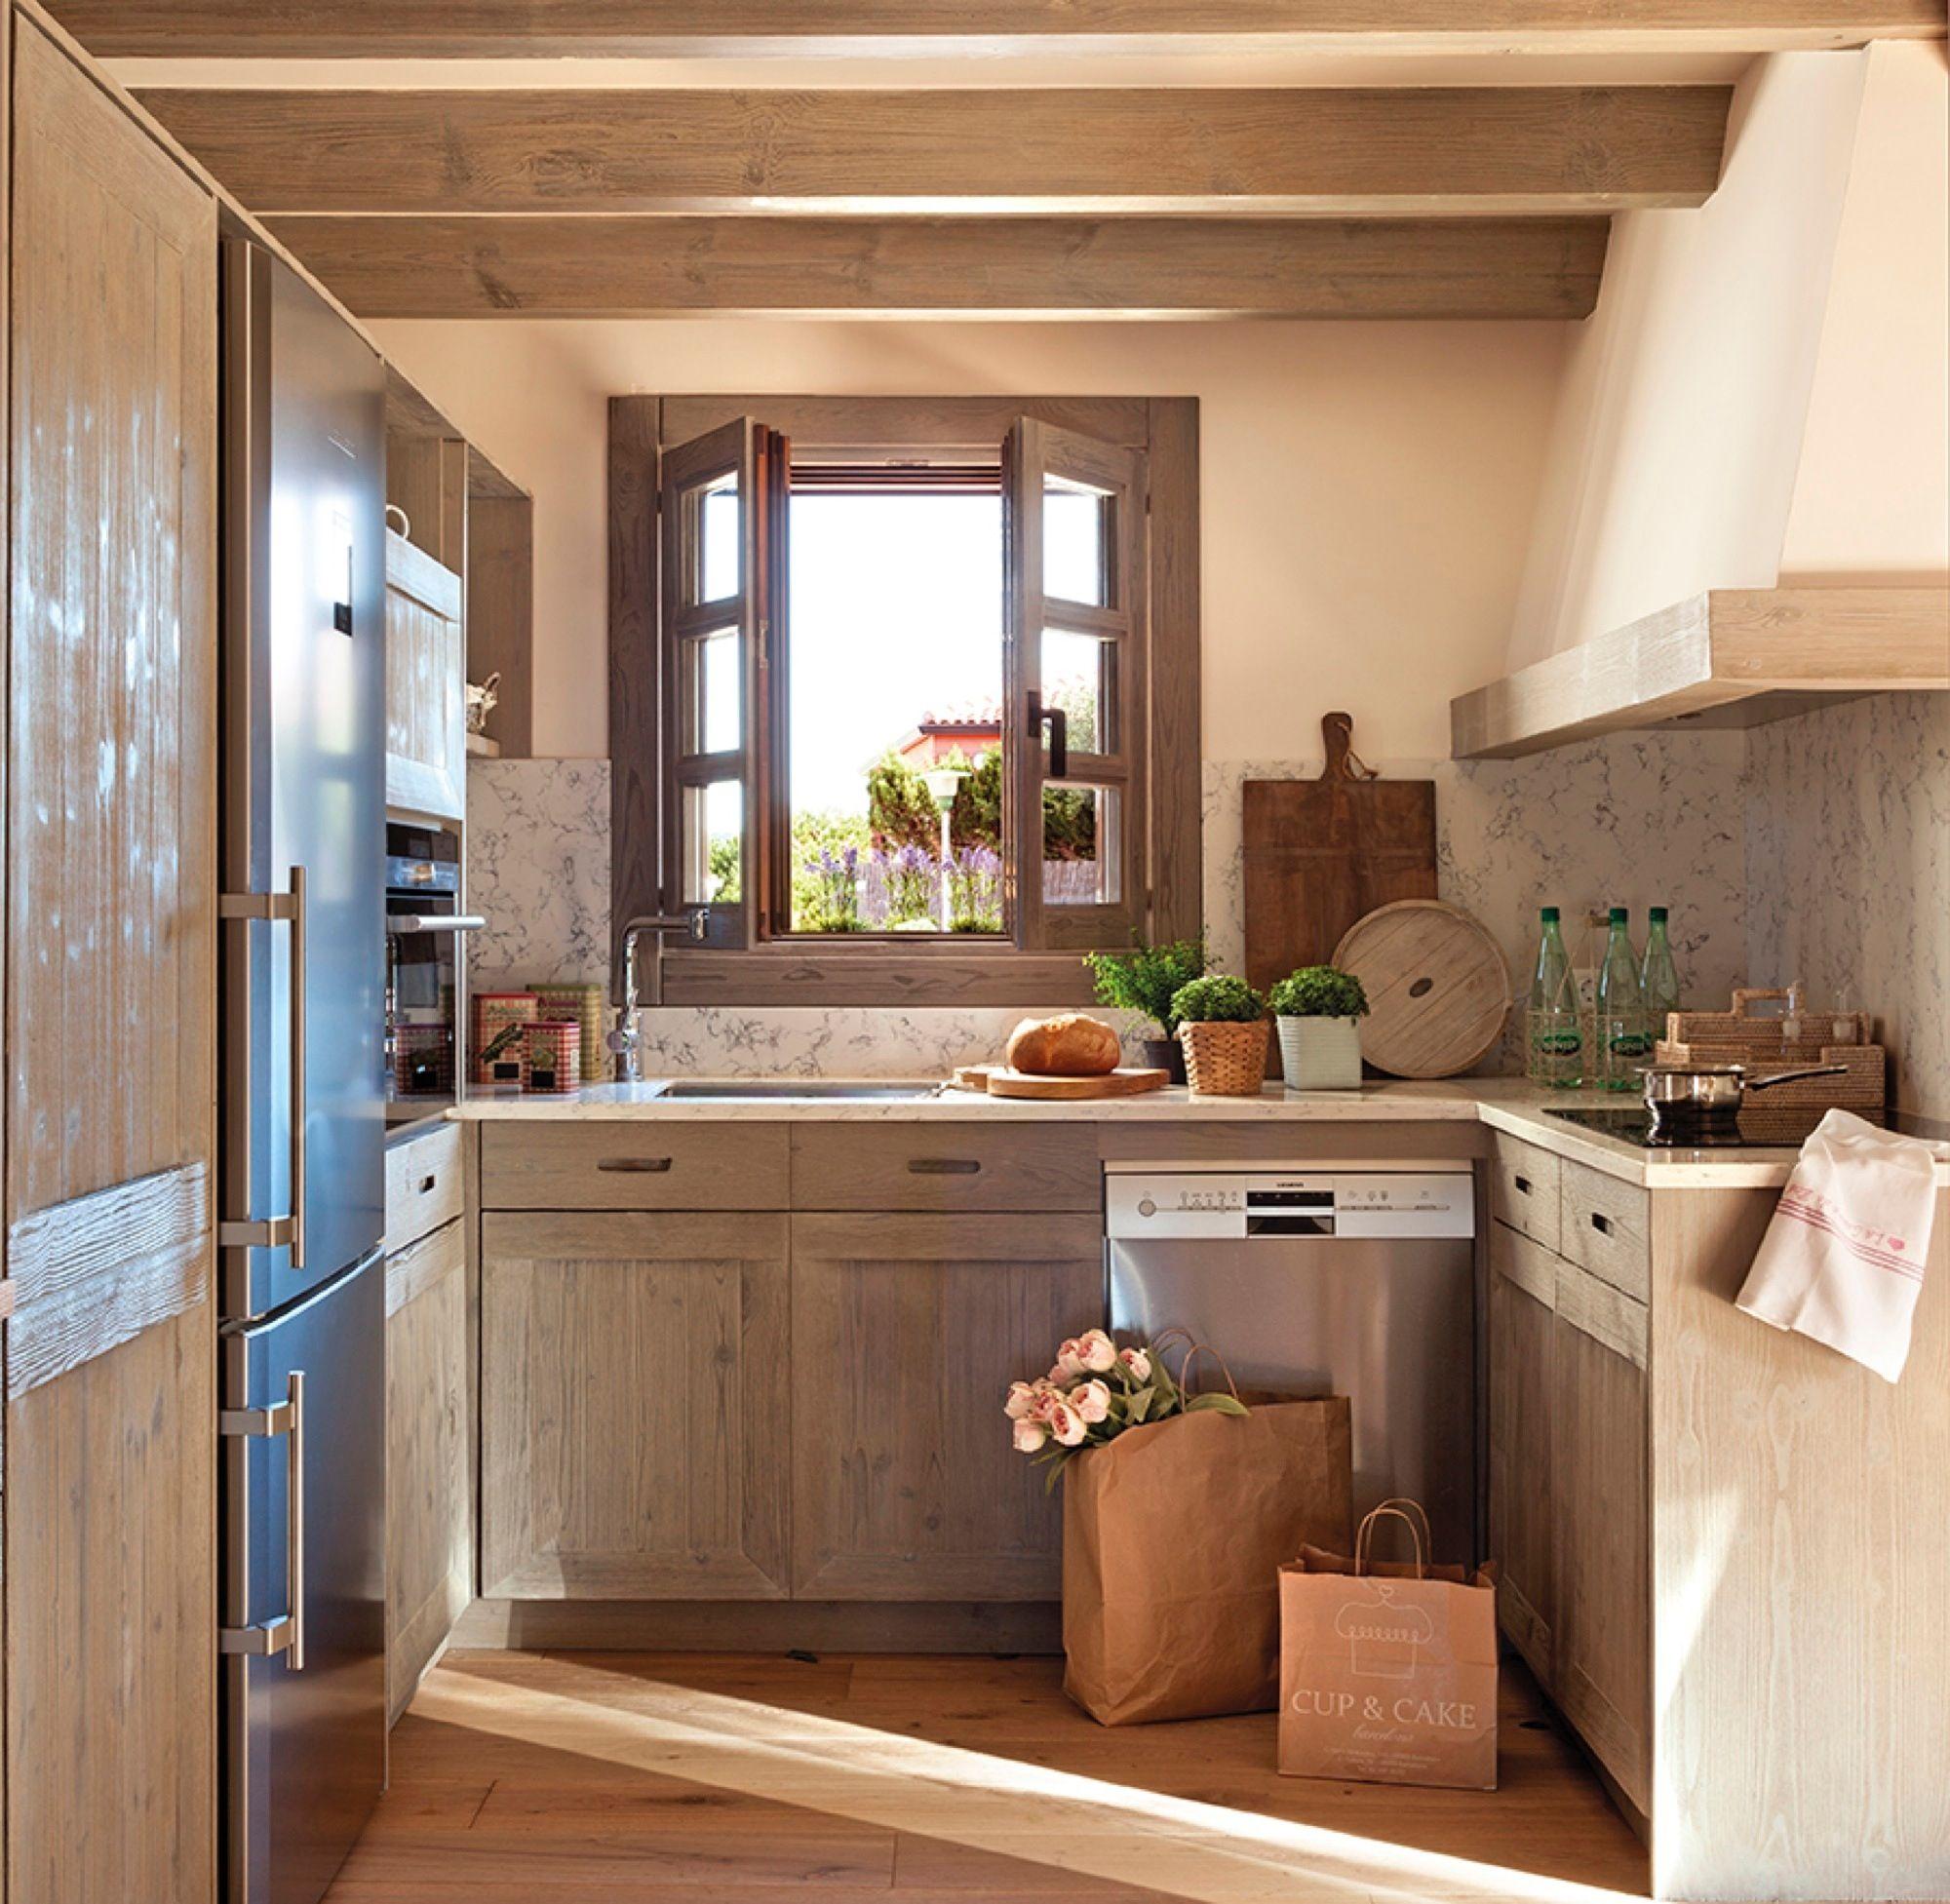 En verde una cocina peque a y muy luminosa cocinas - Fotos de cocinas pequenas y modernas ...